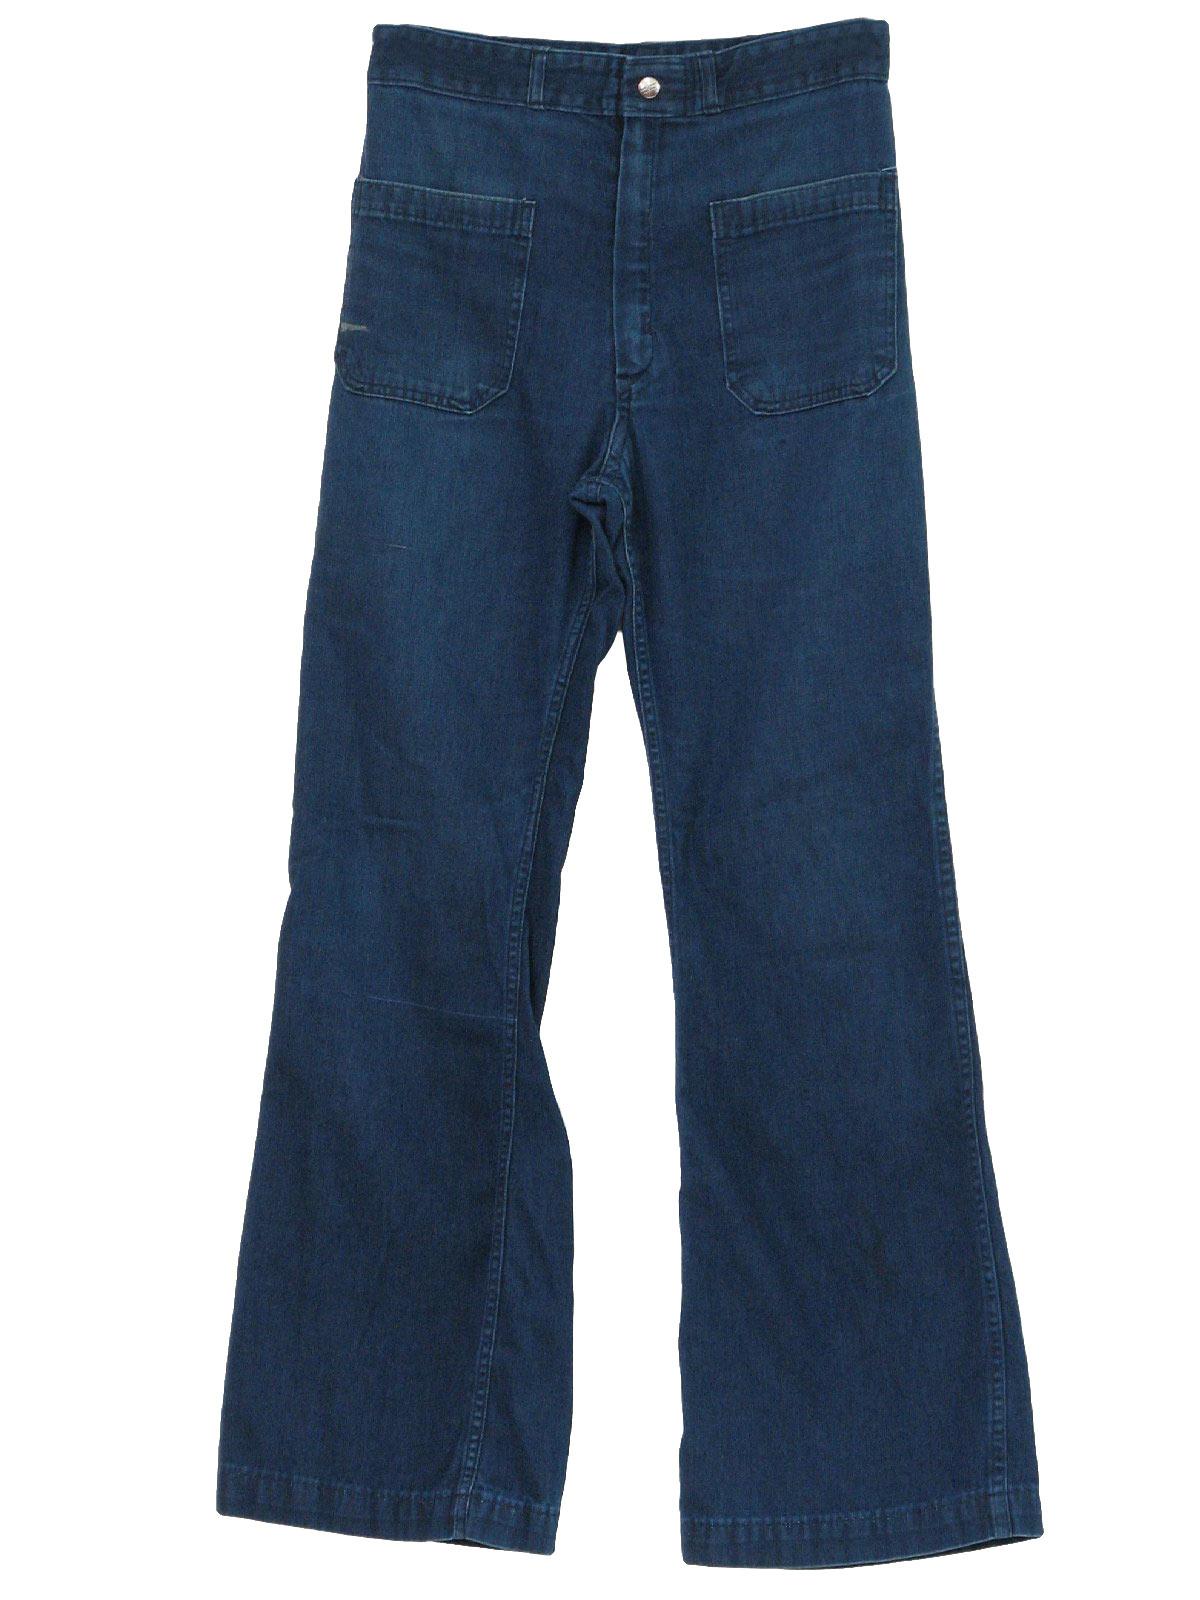 Mens Bellbottom Jeans